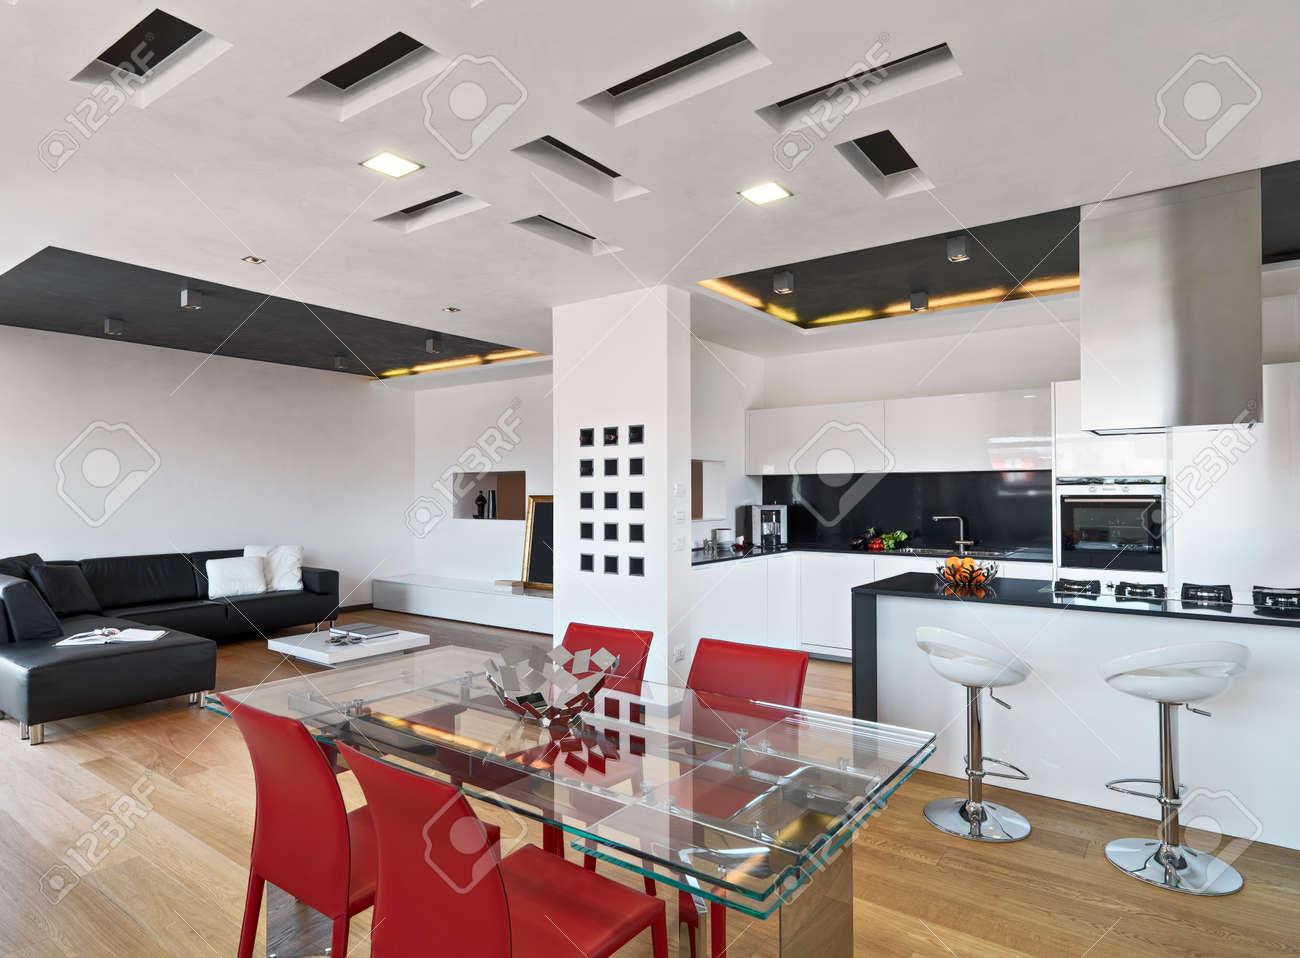 Fantastisch Innenansicht Der Wohnung Mit Holzboden Im Vordergrund Der Esstisch Aus Glas  Auf Der Modernen Küche Mit